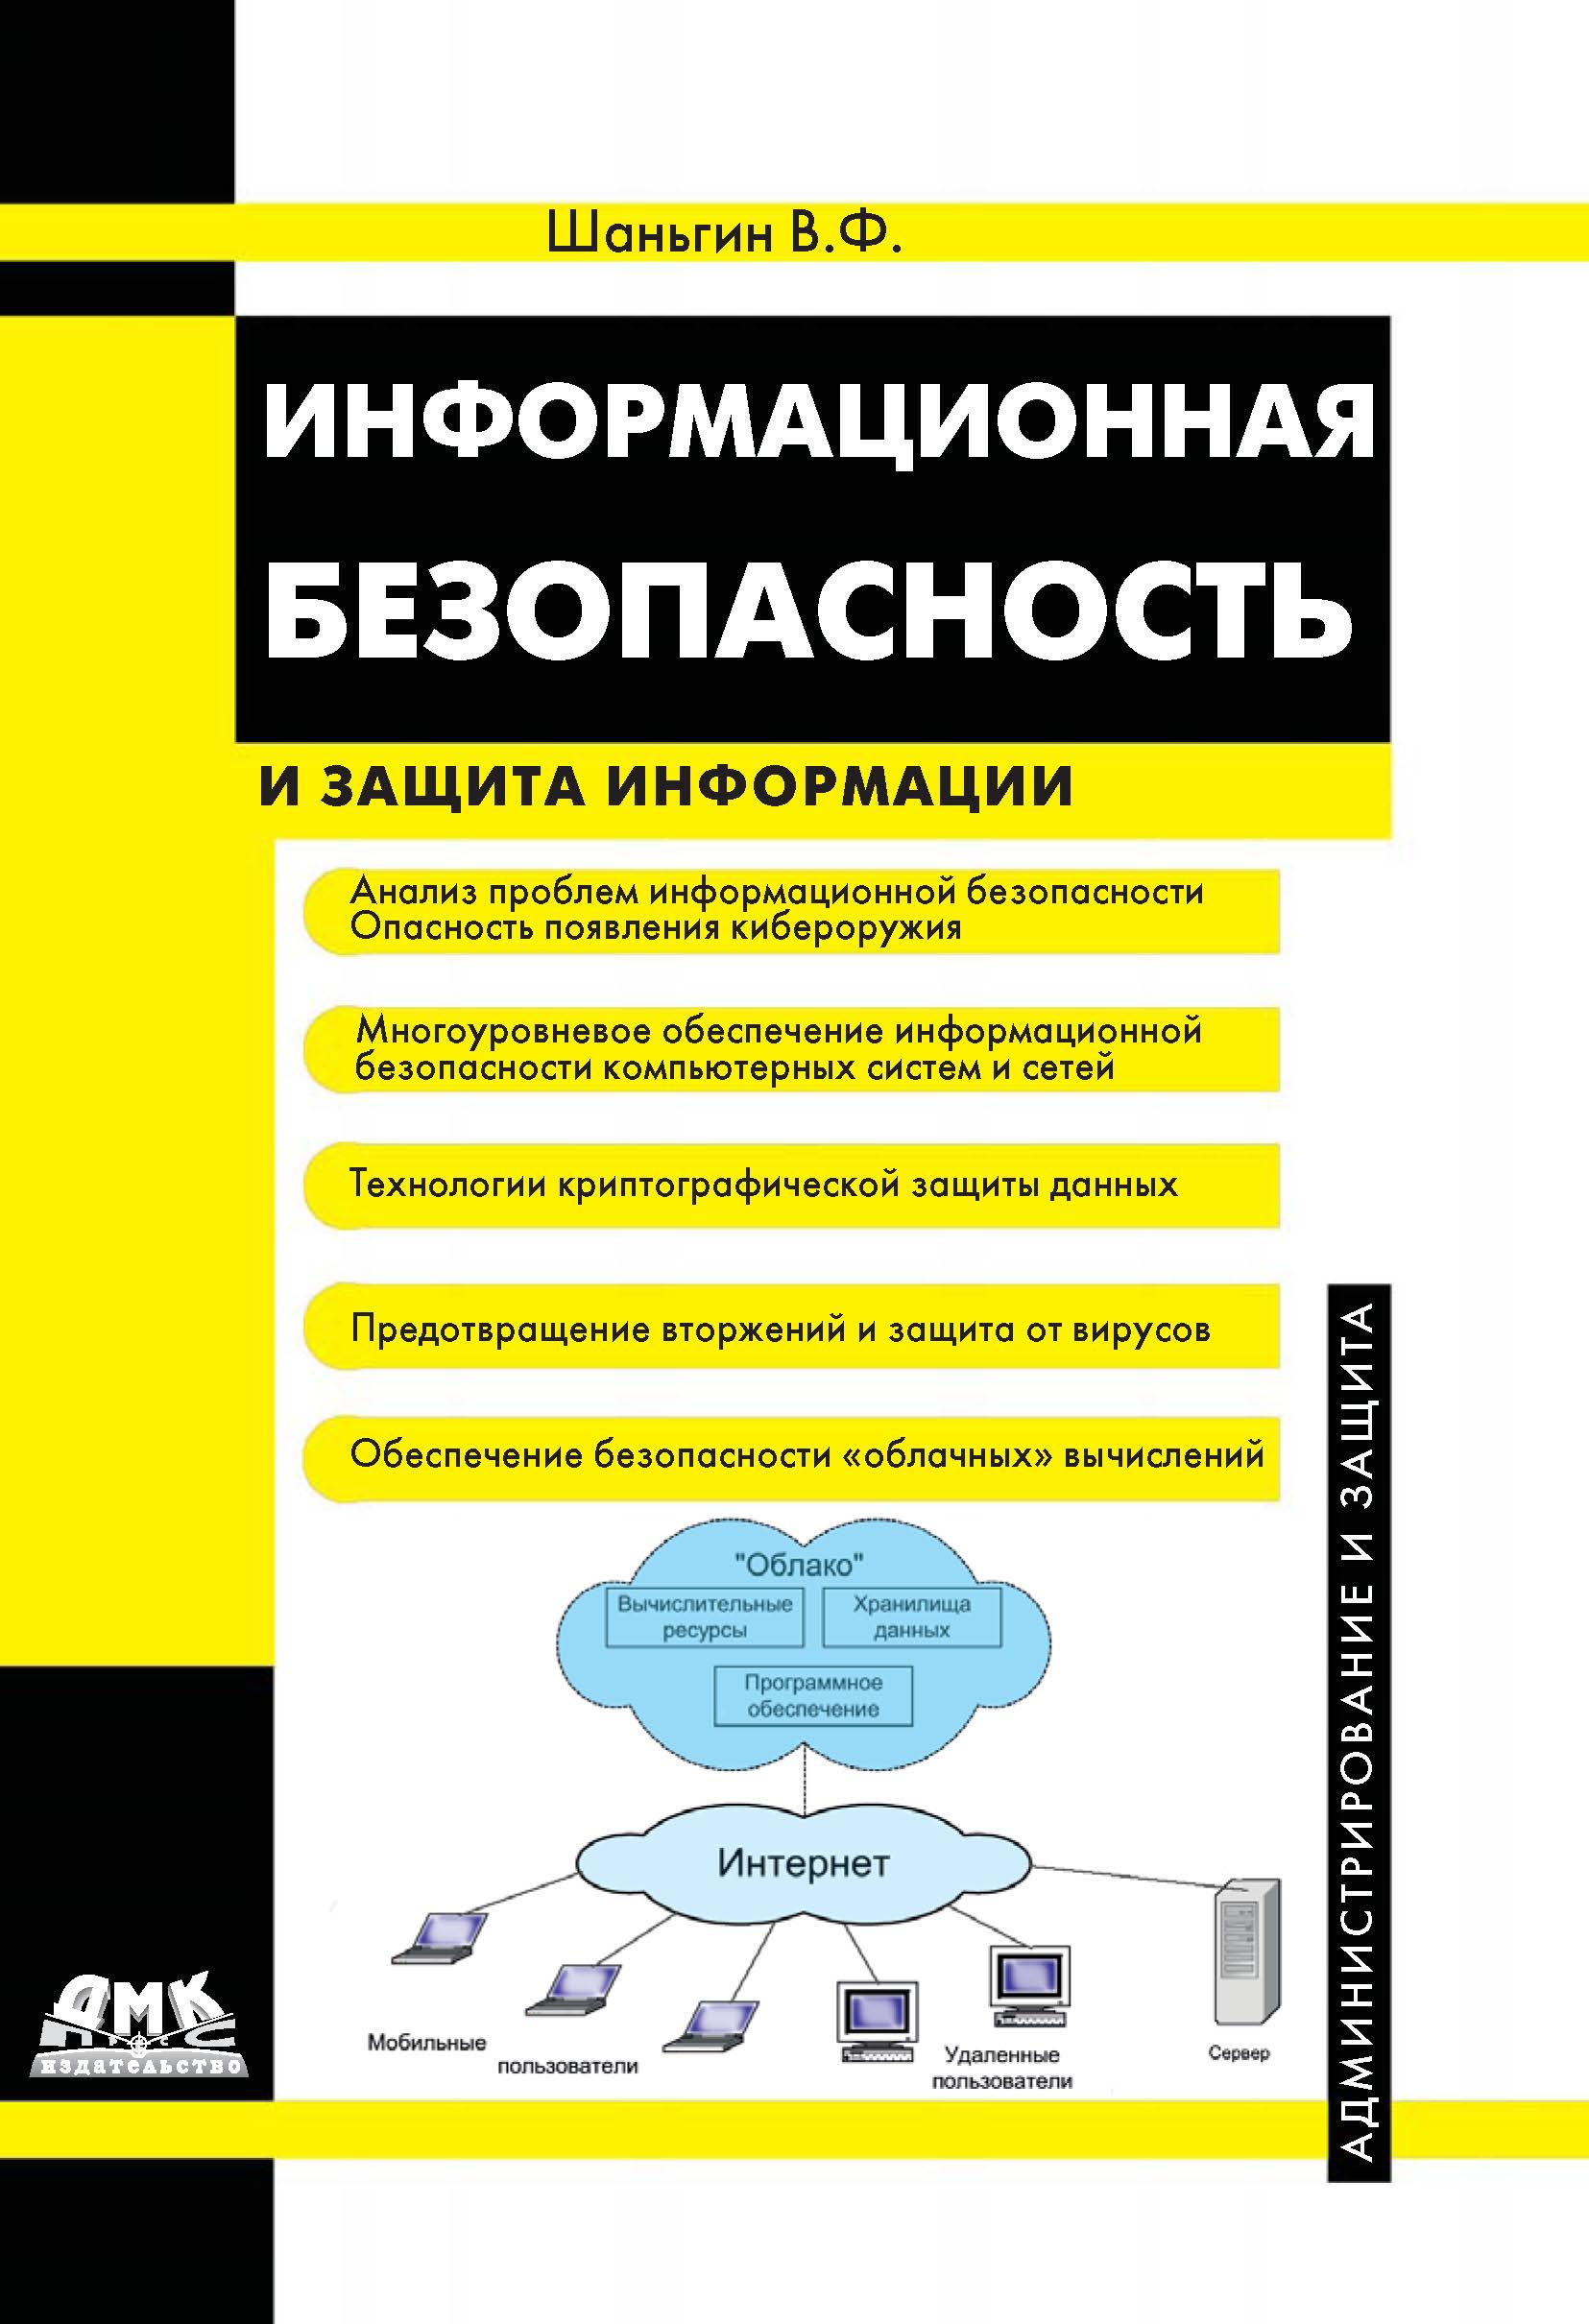 В. Ф. Шаньгин Информационная безопасность вадим дронов международные и отечественные стандарты по информационной безопасности